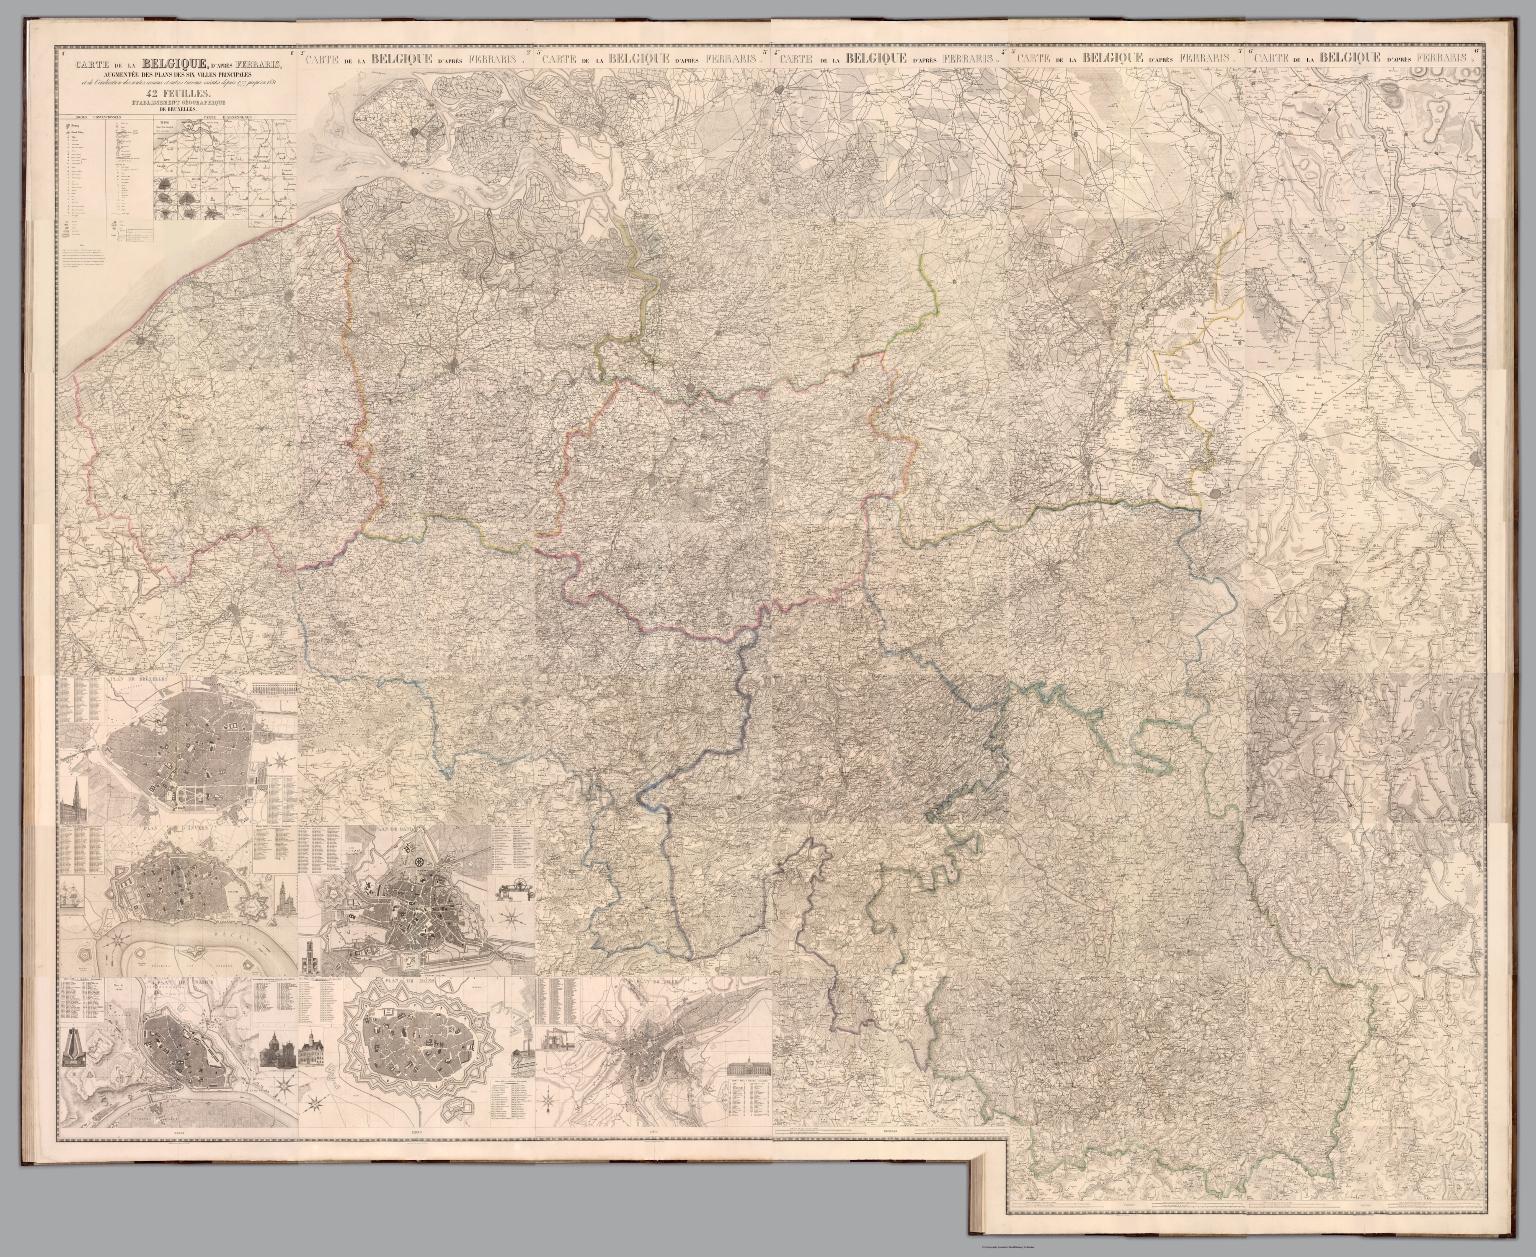 Composite Map: Carte de la Belgique, d'apres Ferraris. 1-43